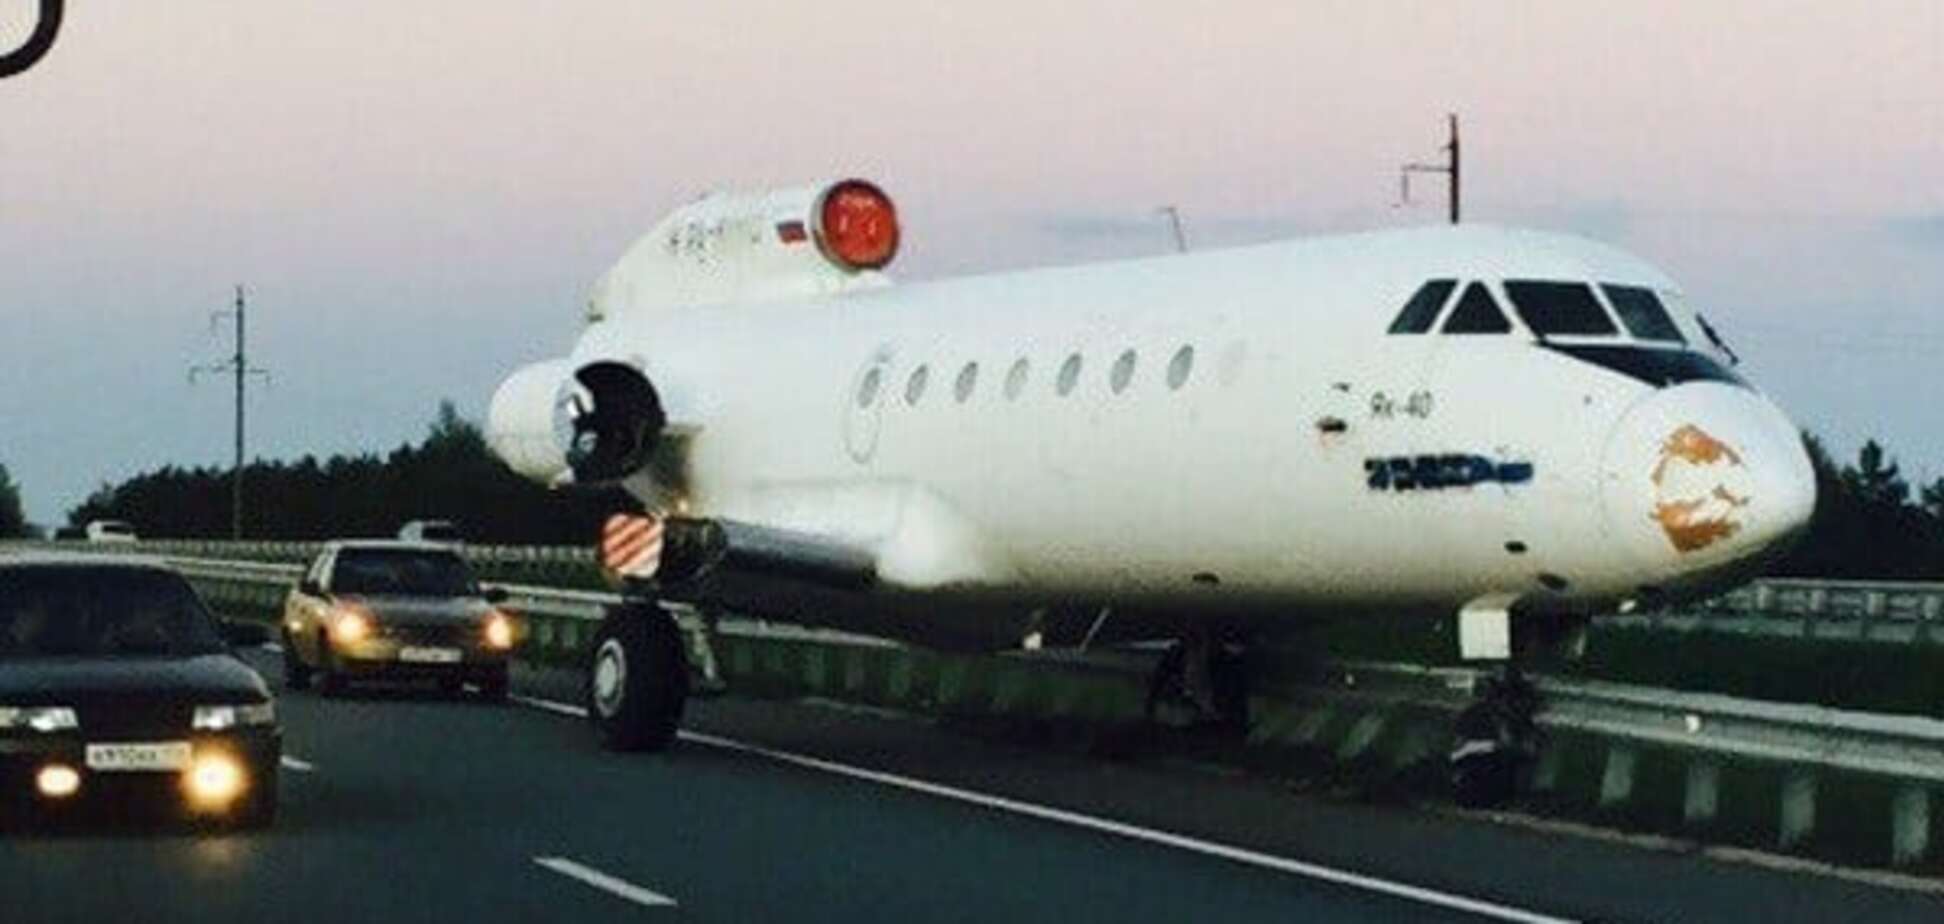 В России самолет без крыльев угодил в ДТП: фото и видео с места аварии